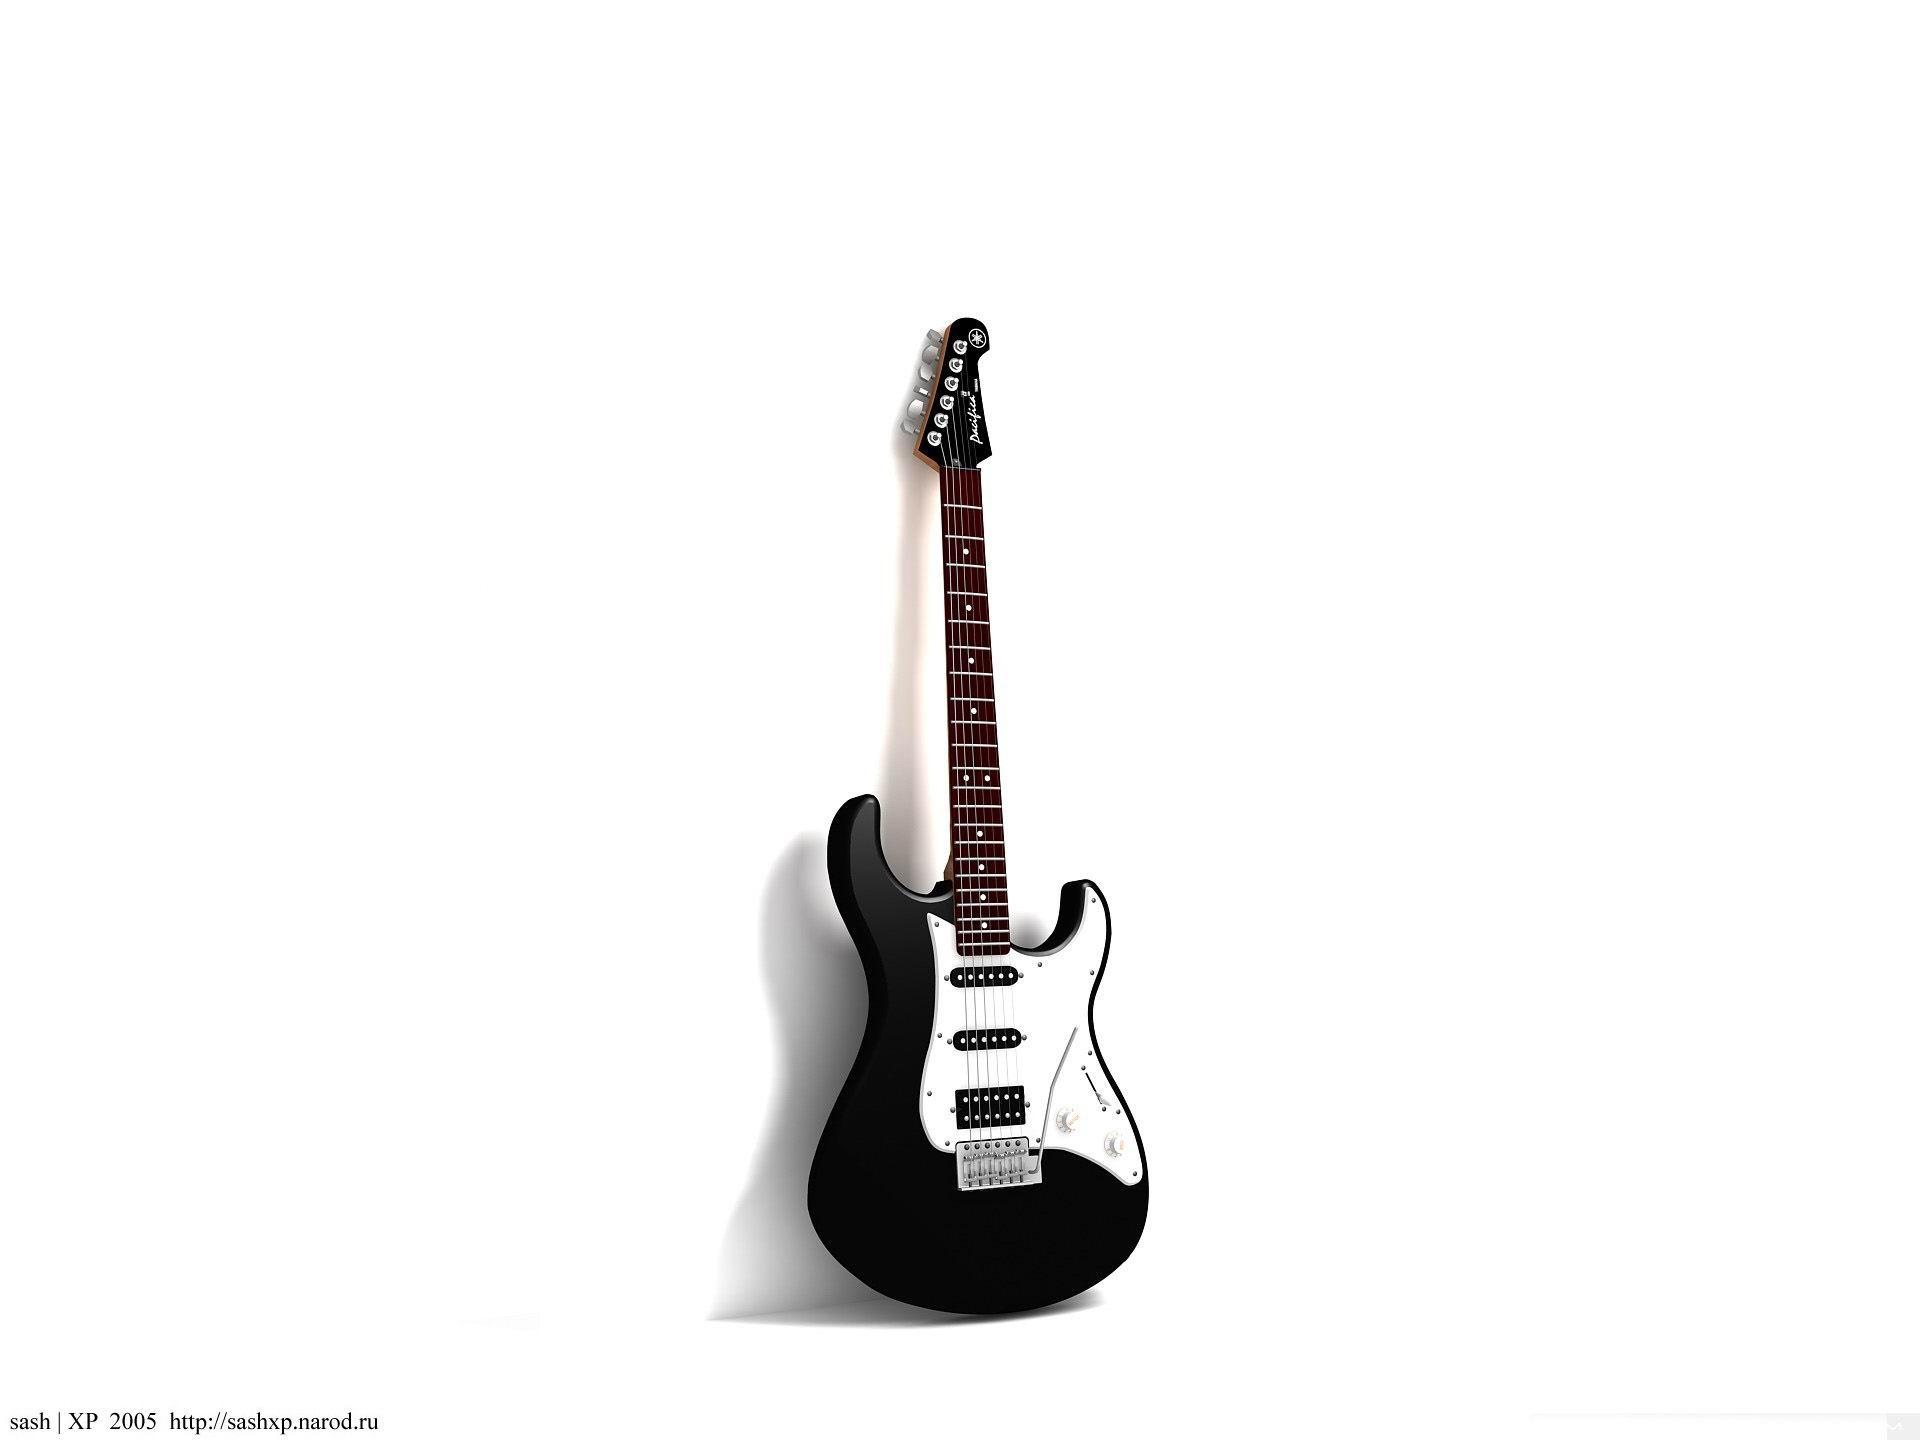 エレキギター 音楽テーマの壁紙プレビュー 10wallpaper Com